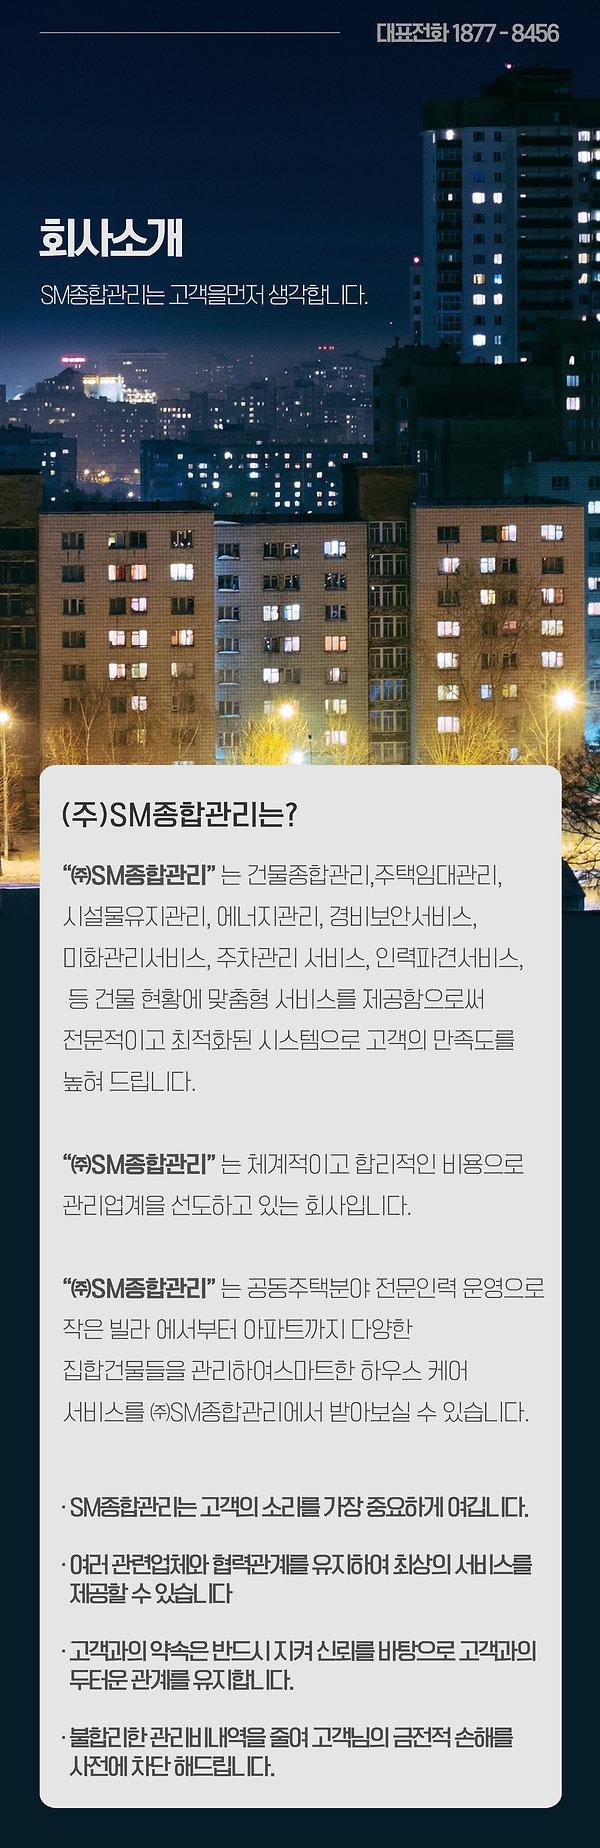 회사소개.jpg